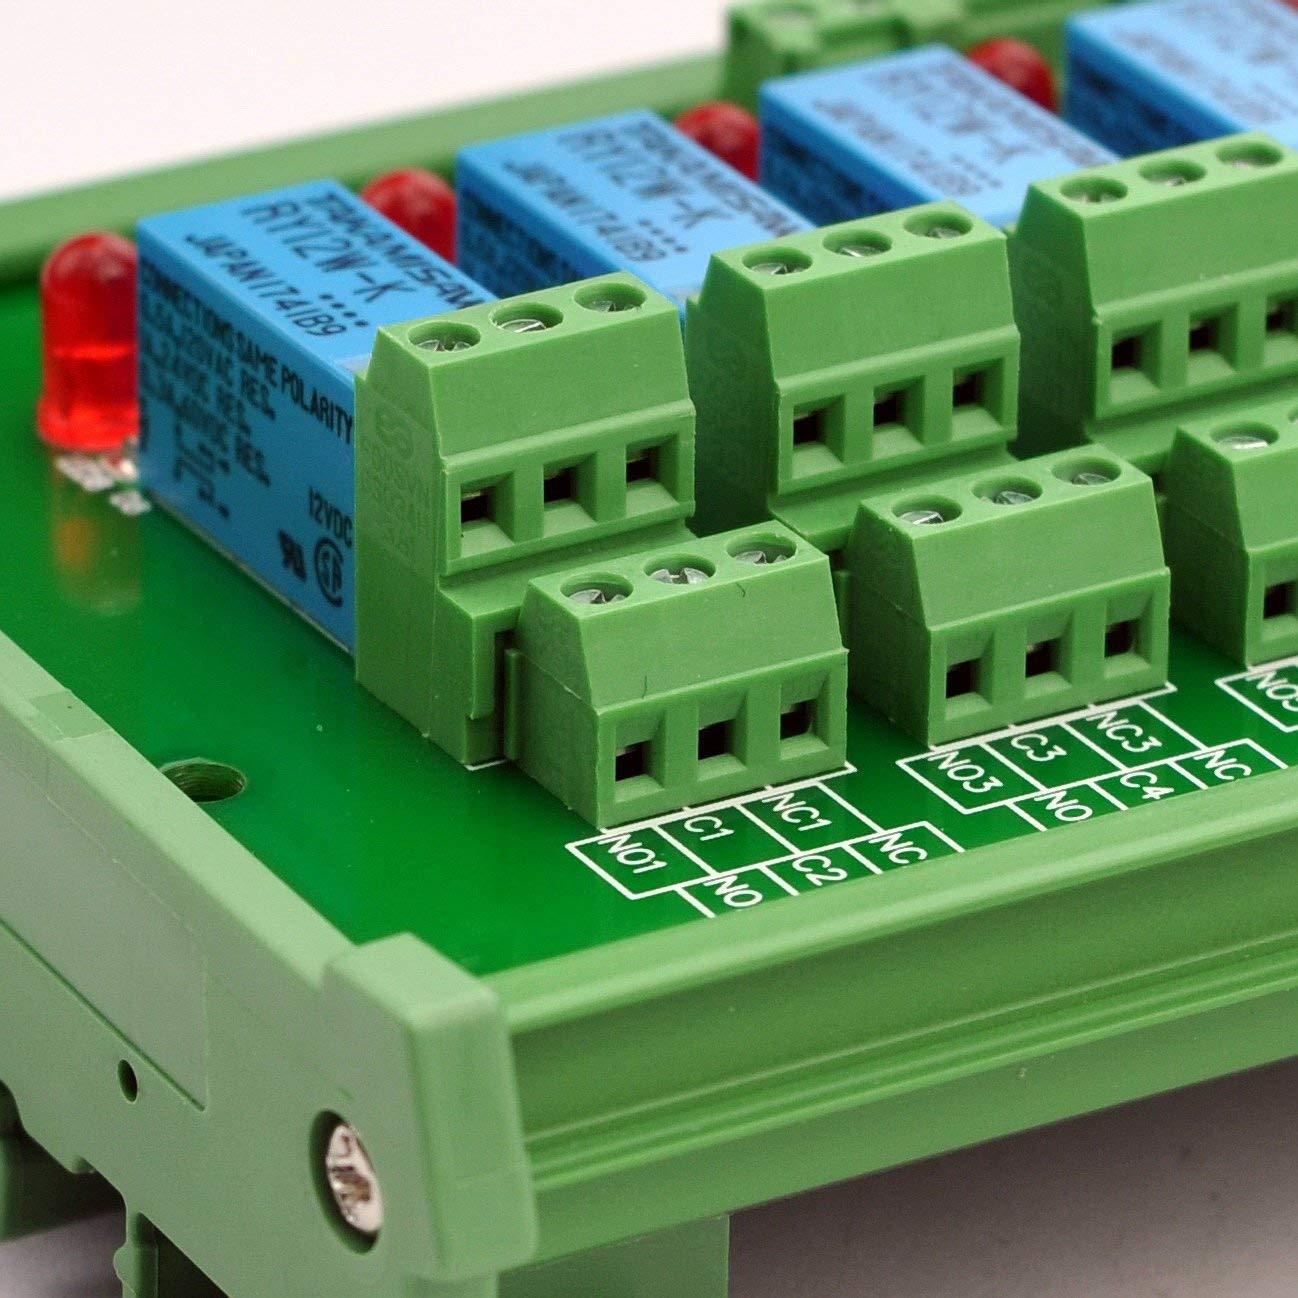 DC12V versi/ón. ELECTRONICS-SALON montaje en carril DIN 8 DPDT de rel/é del m/ódulo de interfaz